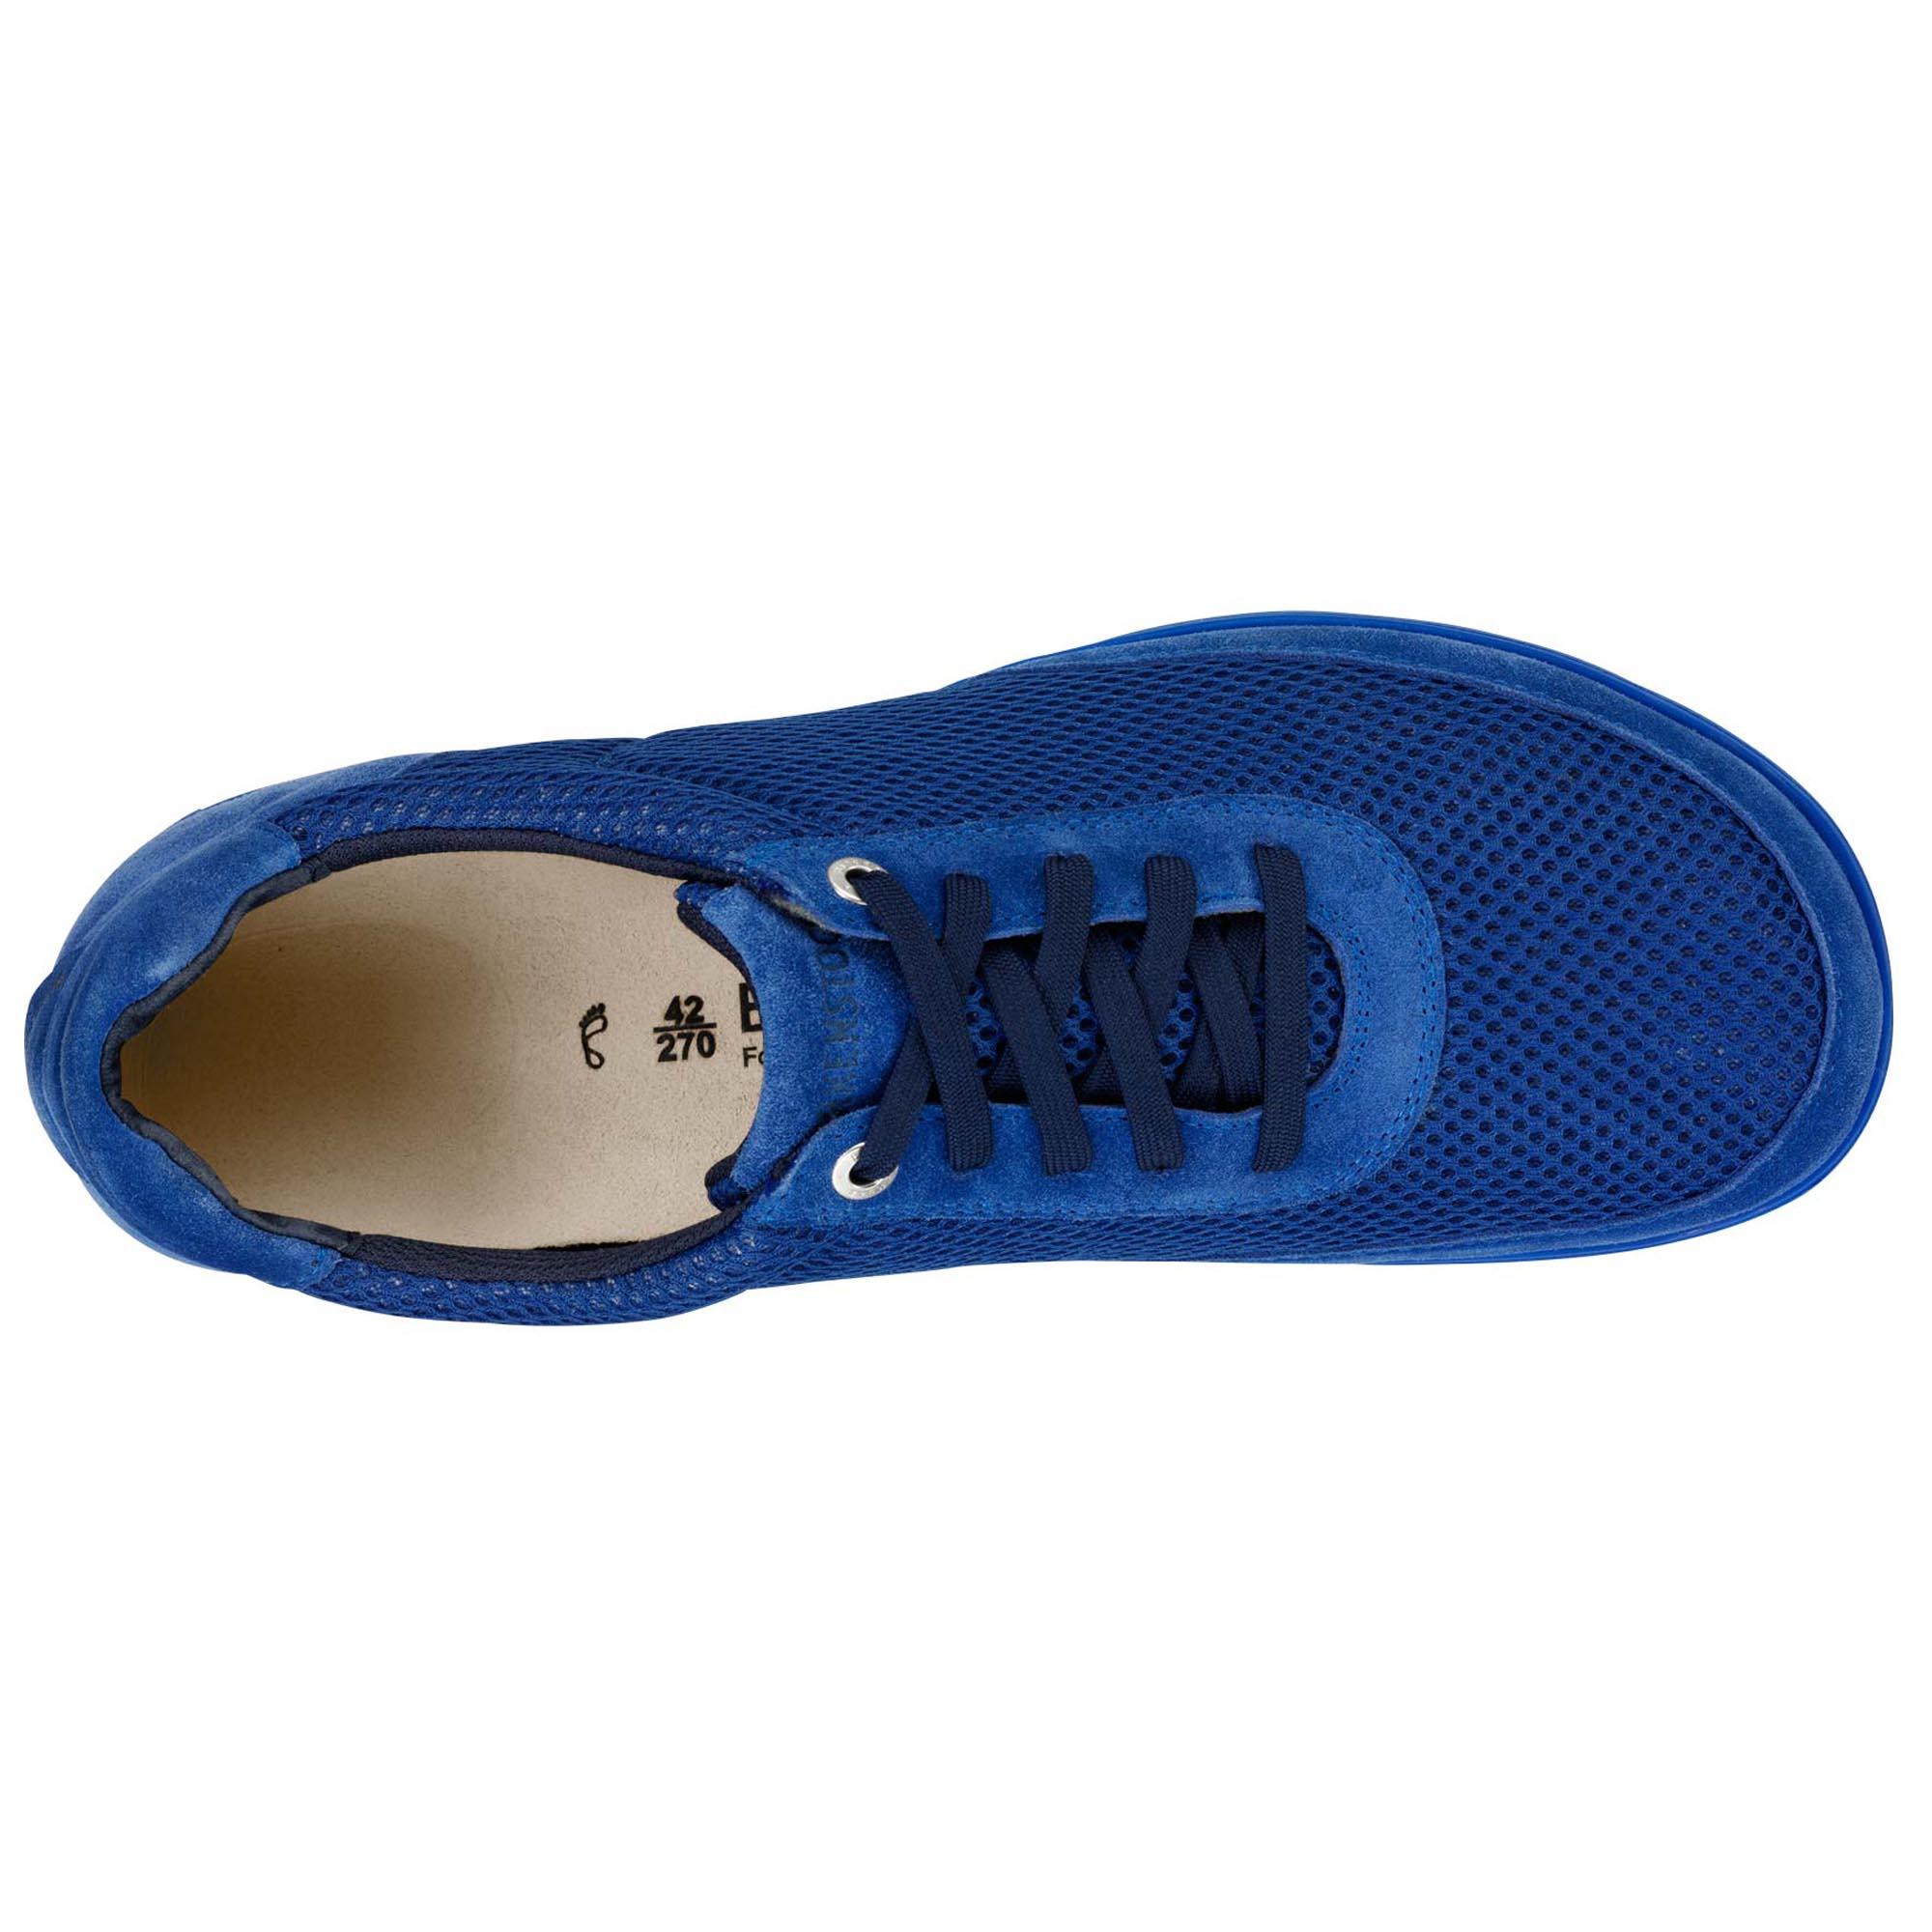 41912467d9a9 ... Illinois Suede Leather Textile Royal Blue ...